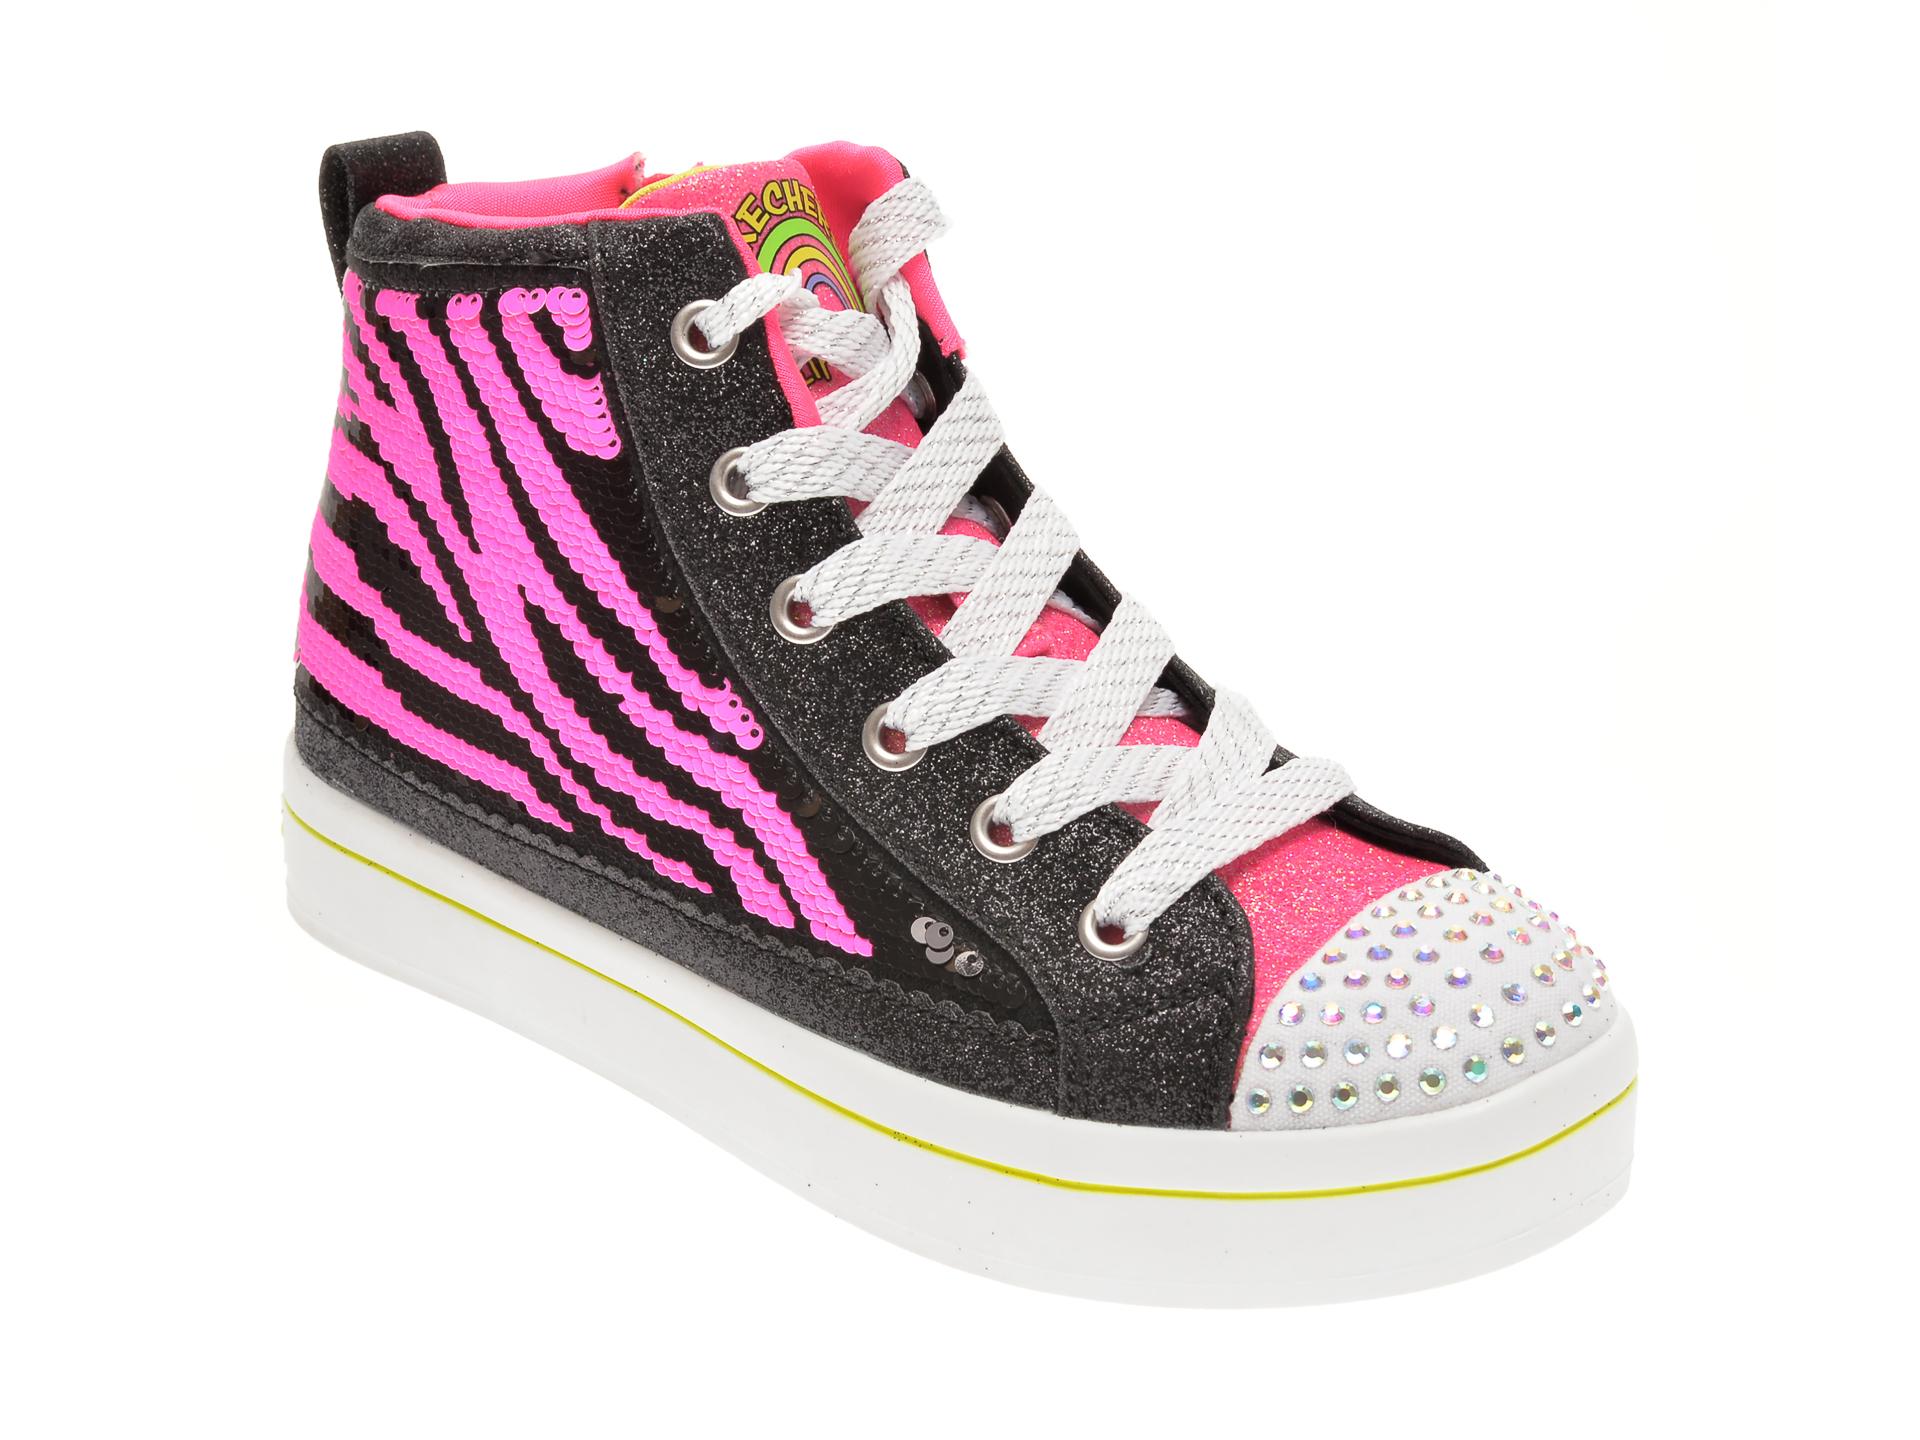 Pantofi sport SKECHERS negre, TWI-LITES 2.0 NEON MUSE, din material textil